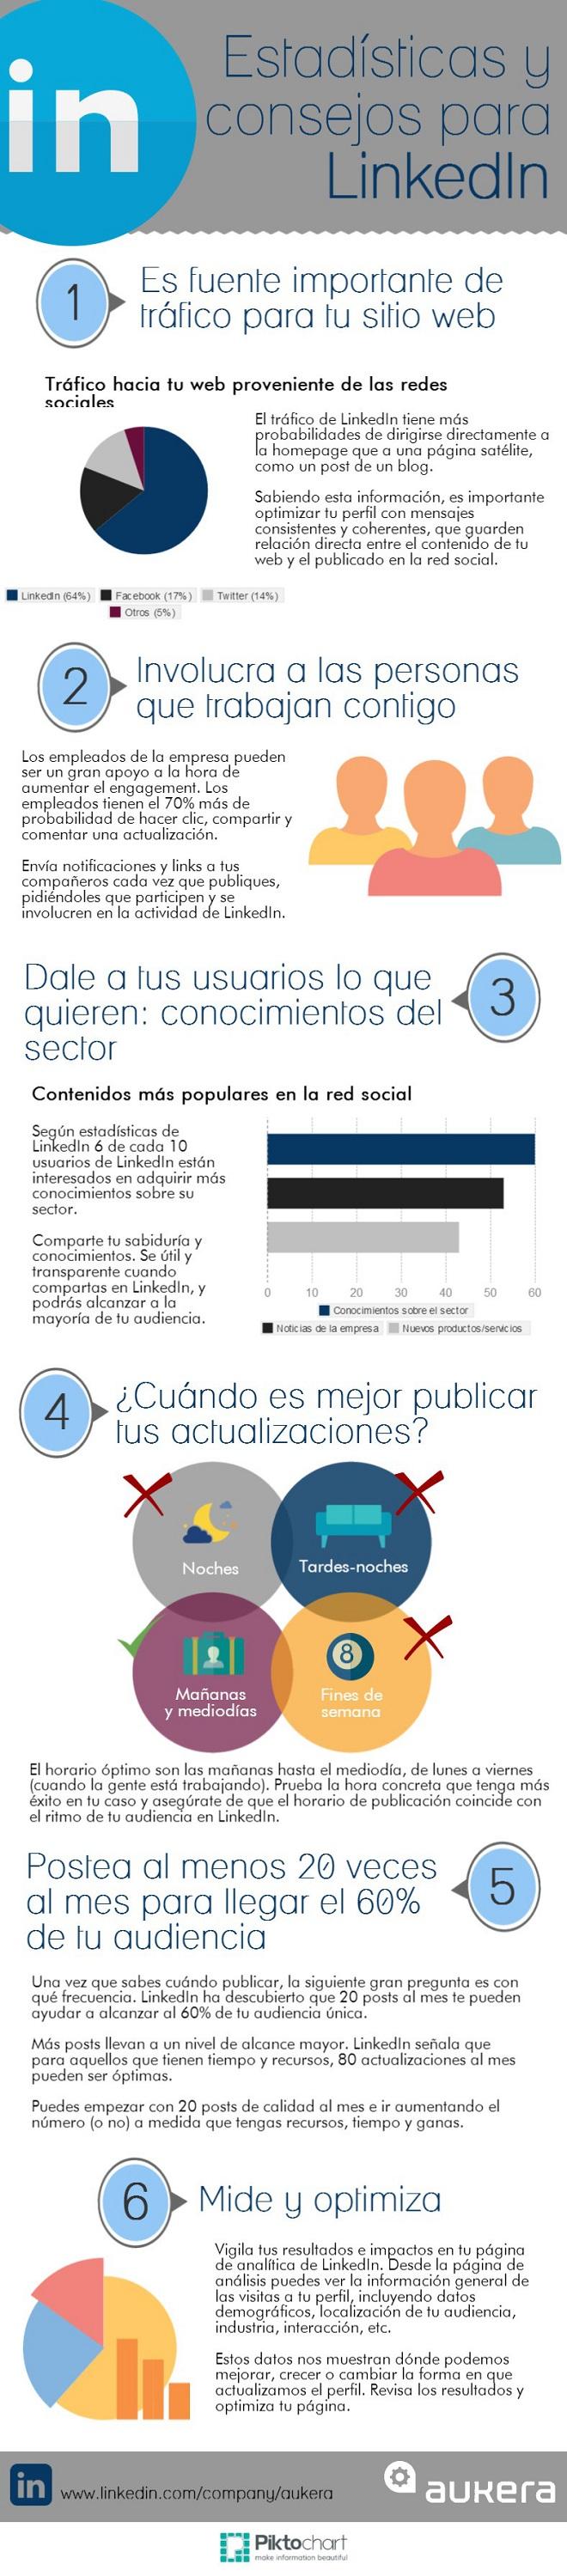 infografia_estadisticas_y_consejos_para_linkedin